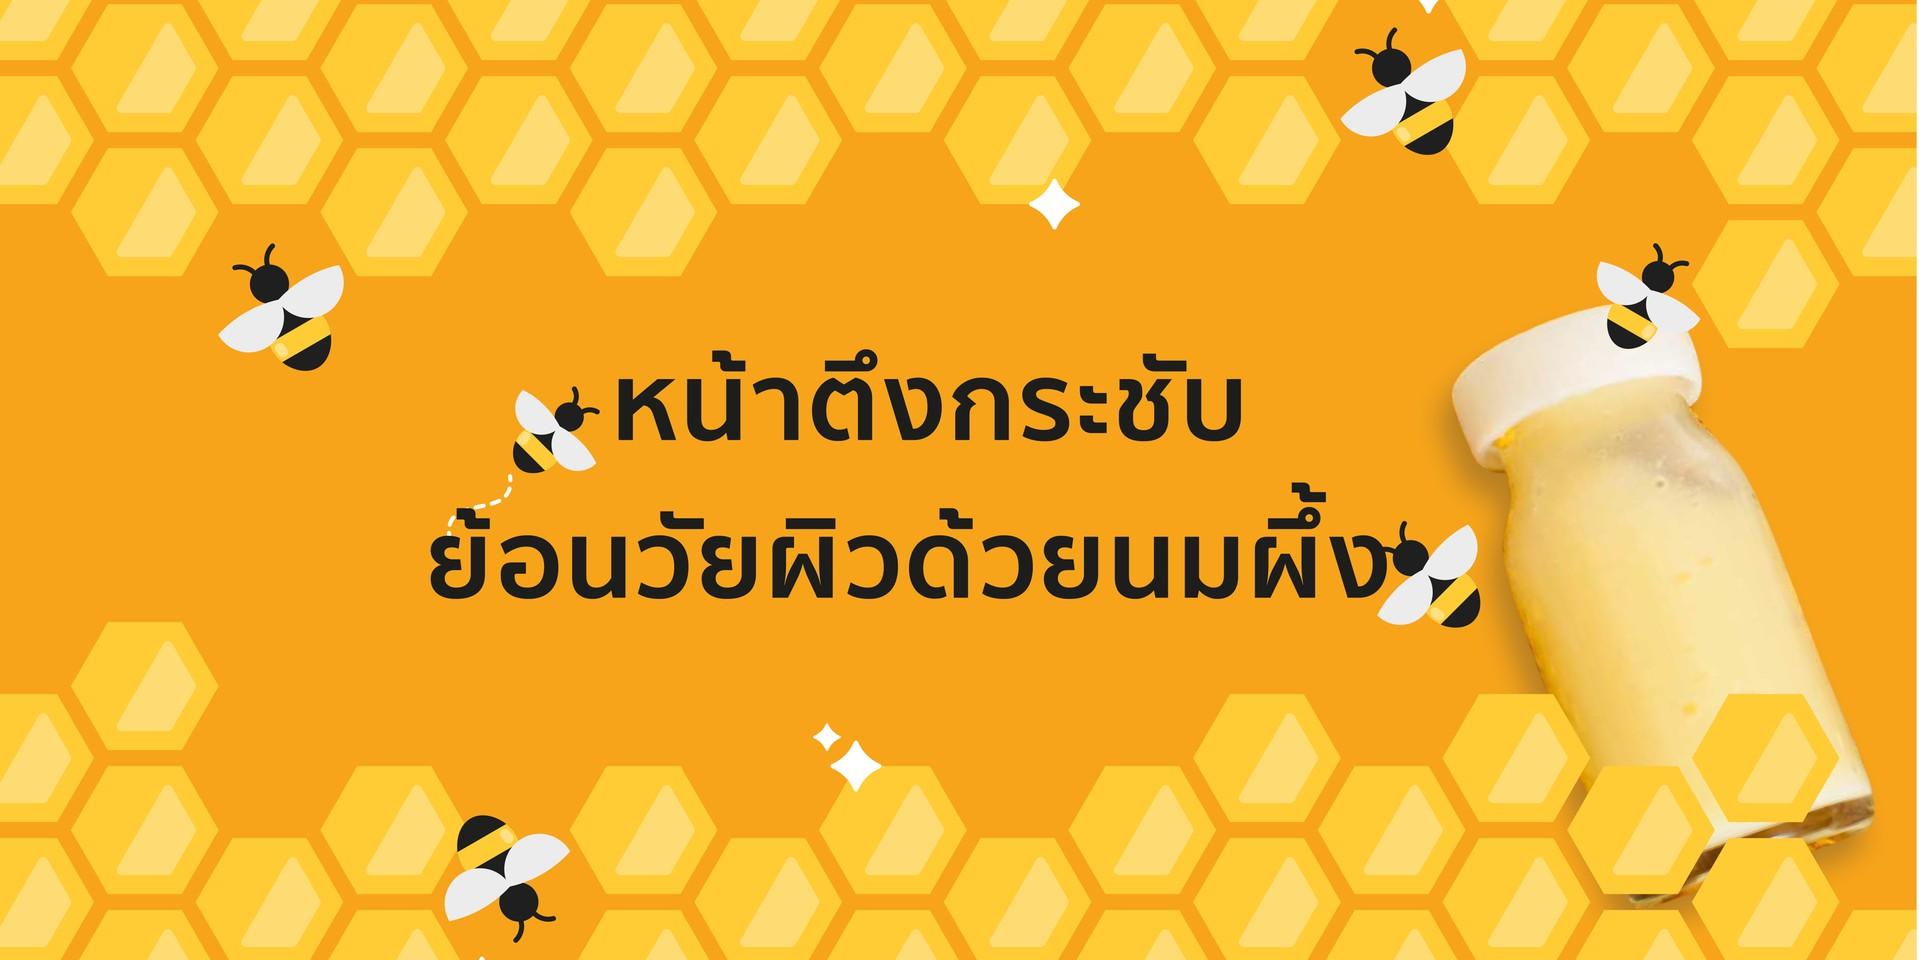 เคล็ดลับหน้าตึงกระชับ ย้อนวัยผิวด้วยนมผึ้ง !